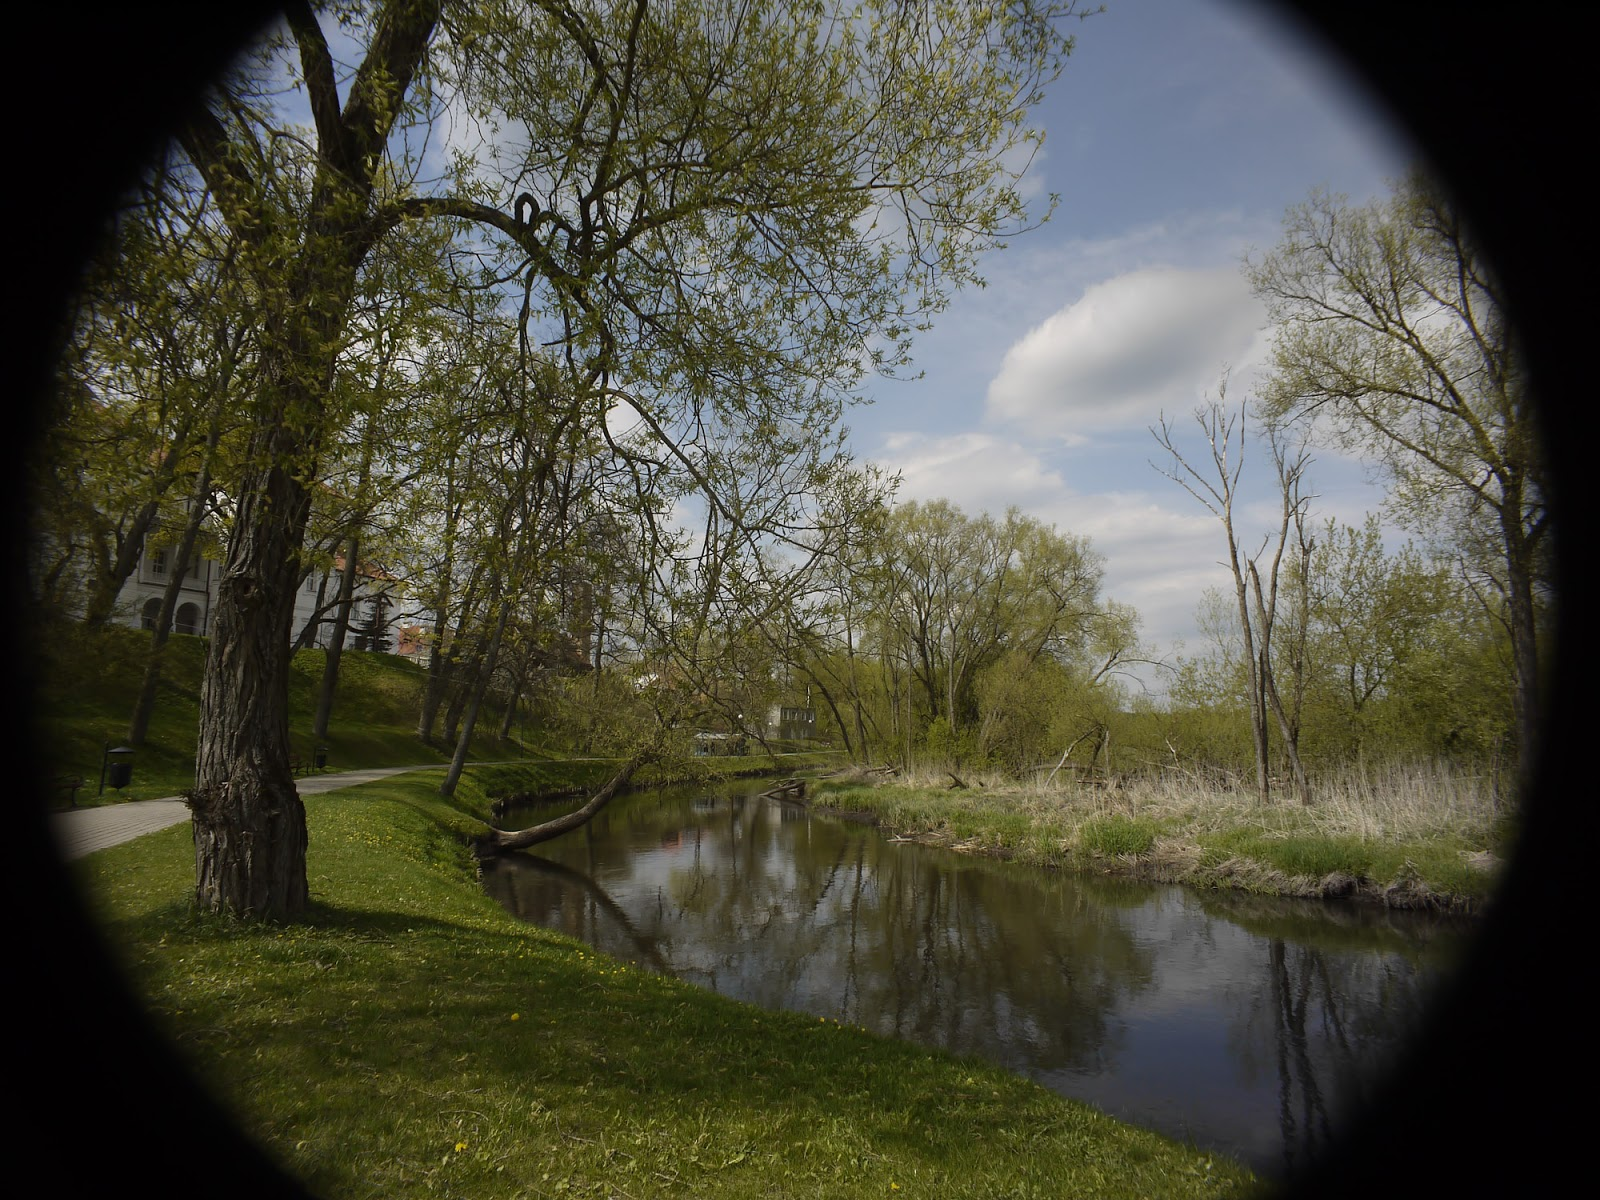 Tevidon 10/2 @11 - wide angle landscape (full sensor).